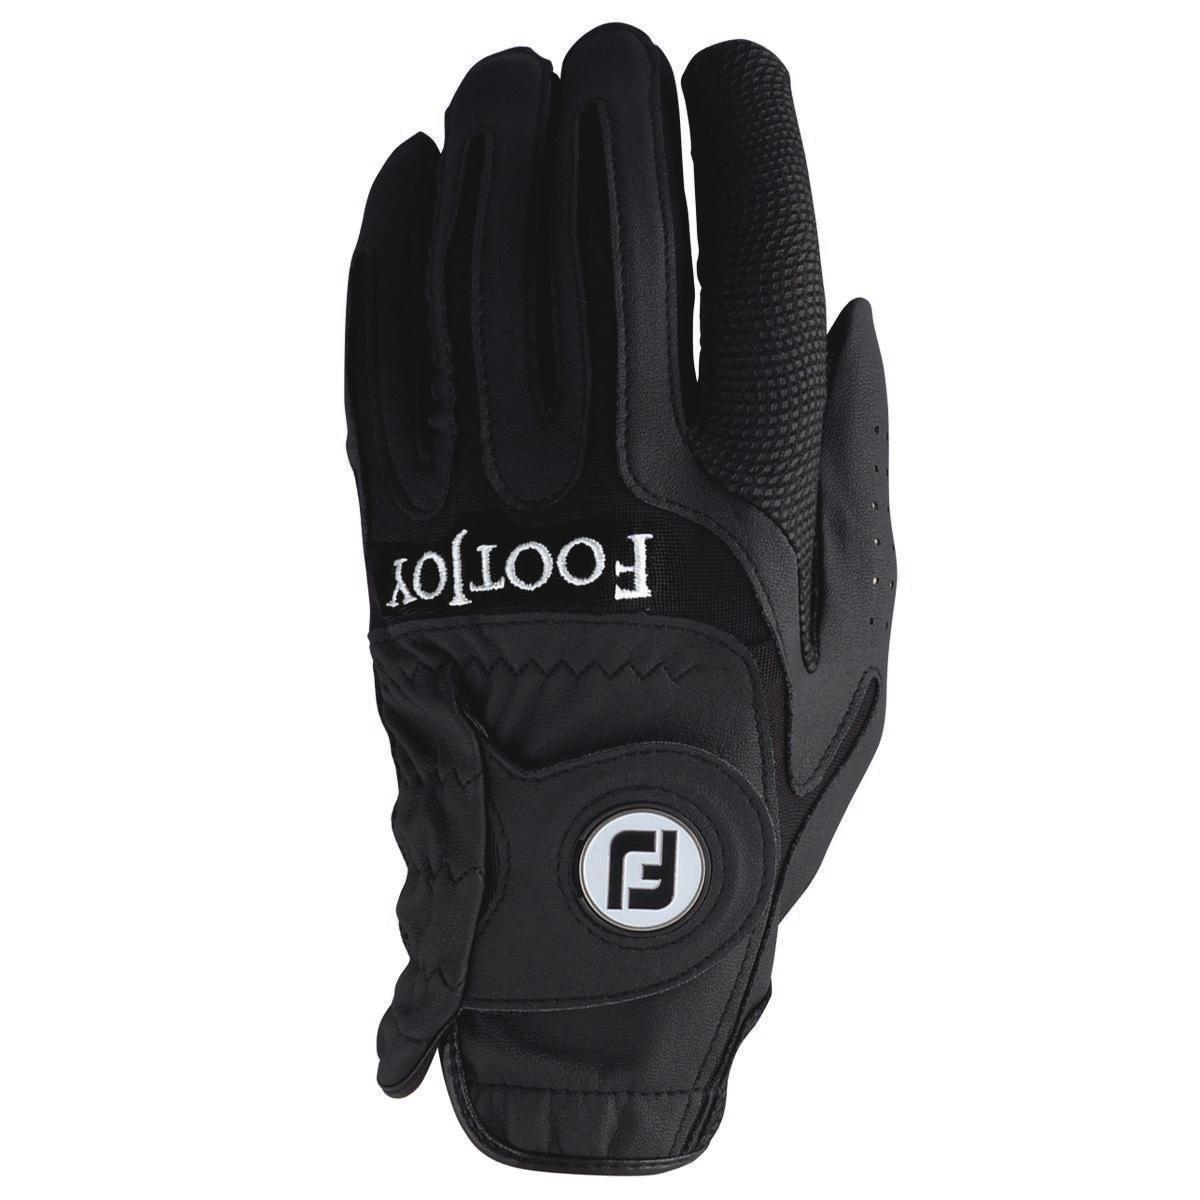 FootJoy golfová rukavice GTX černá s markovátkem Levá XL černá